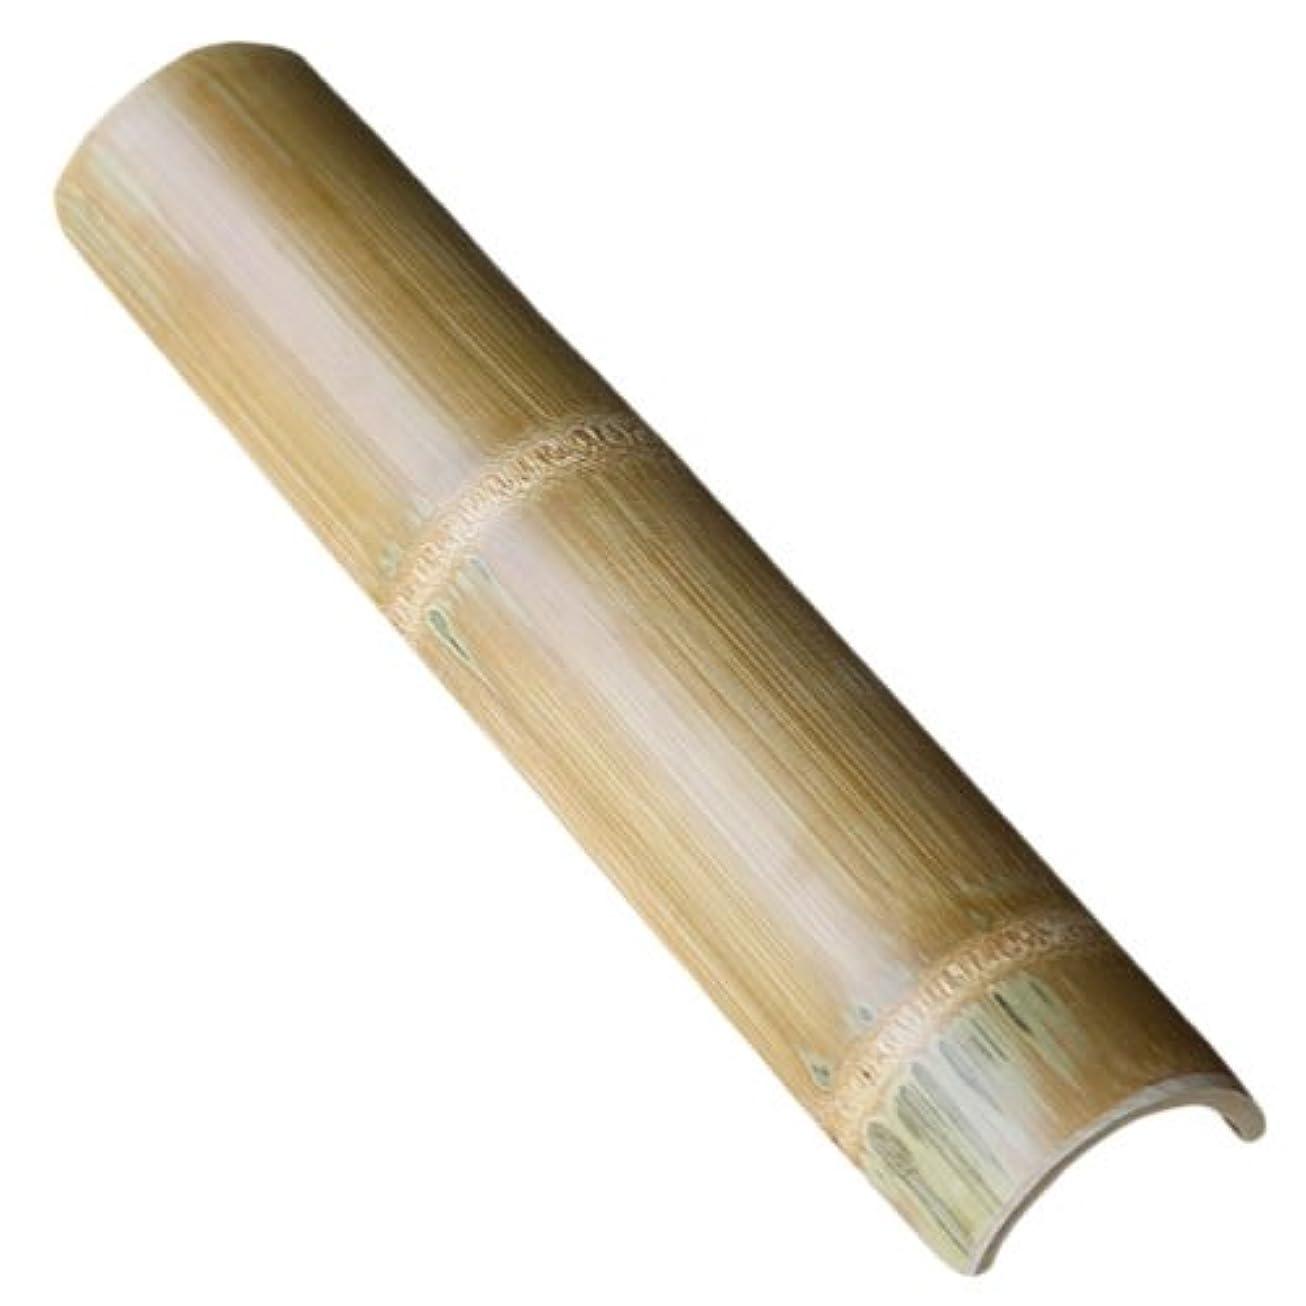 ぬるいコンソール間違えた【国産】青竹を炭化加工して防虫、防カビ効果を向上させて美しく磨き上げています竹踏み(炭化竹)